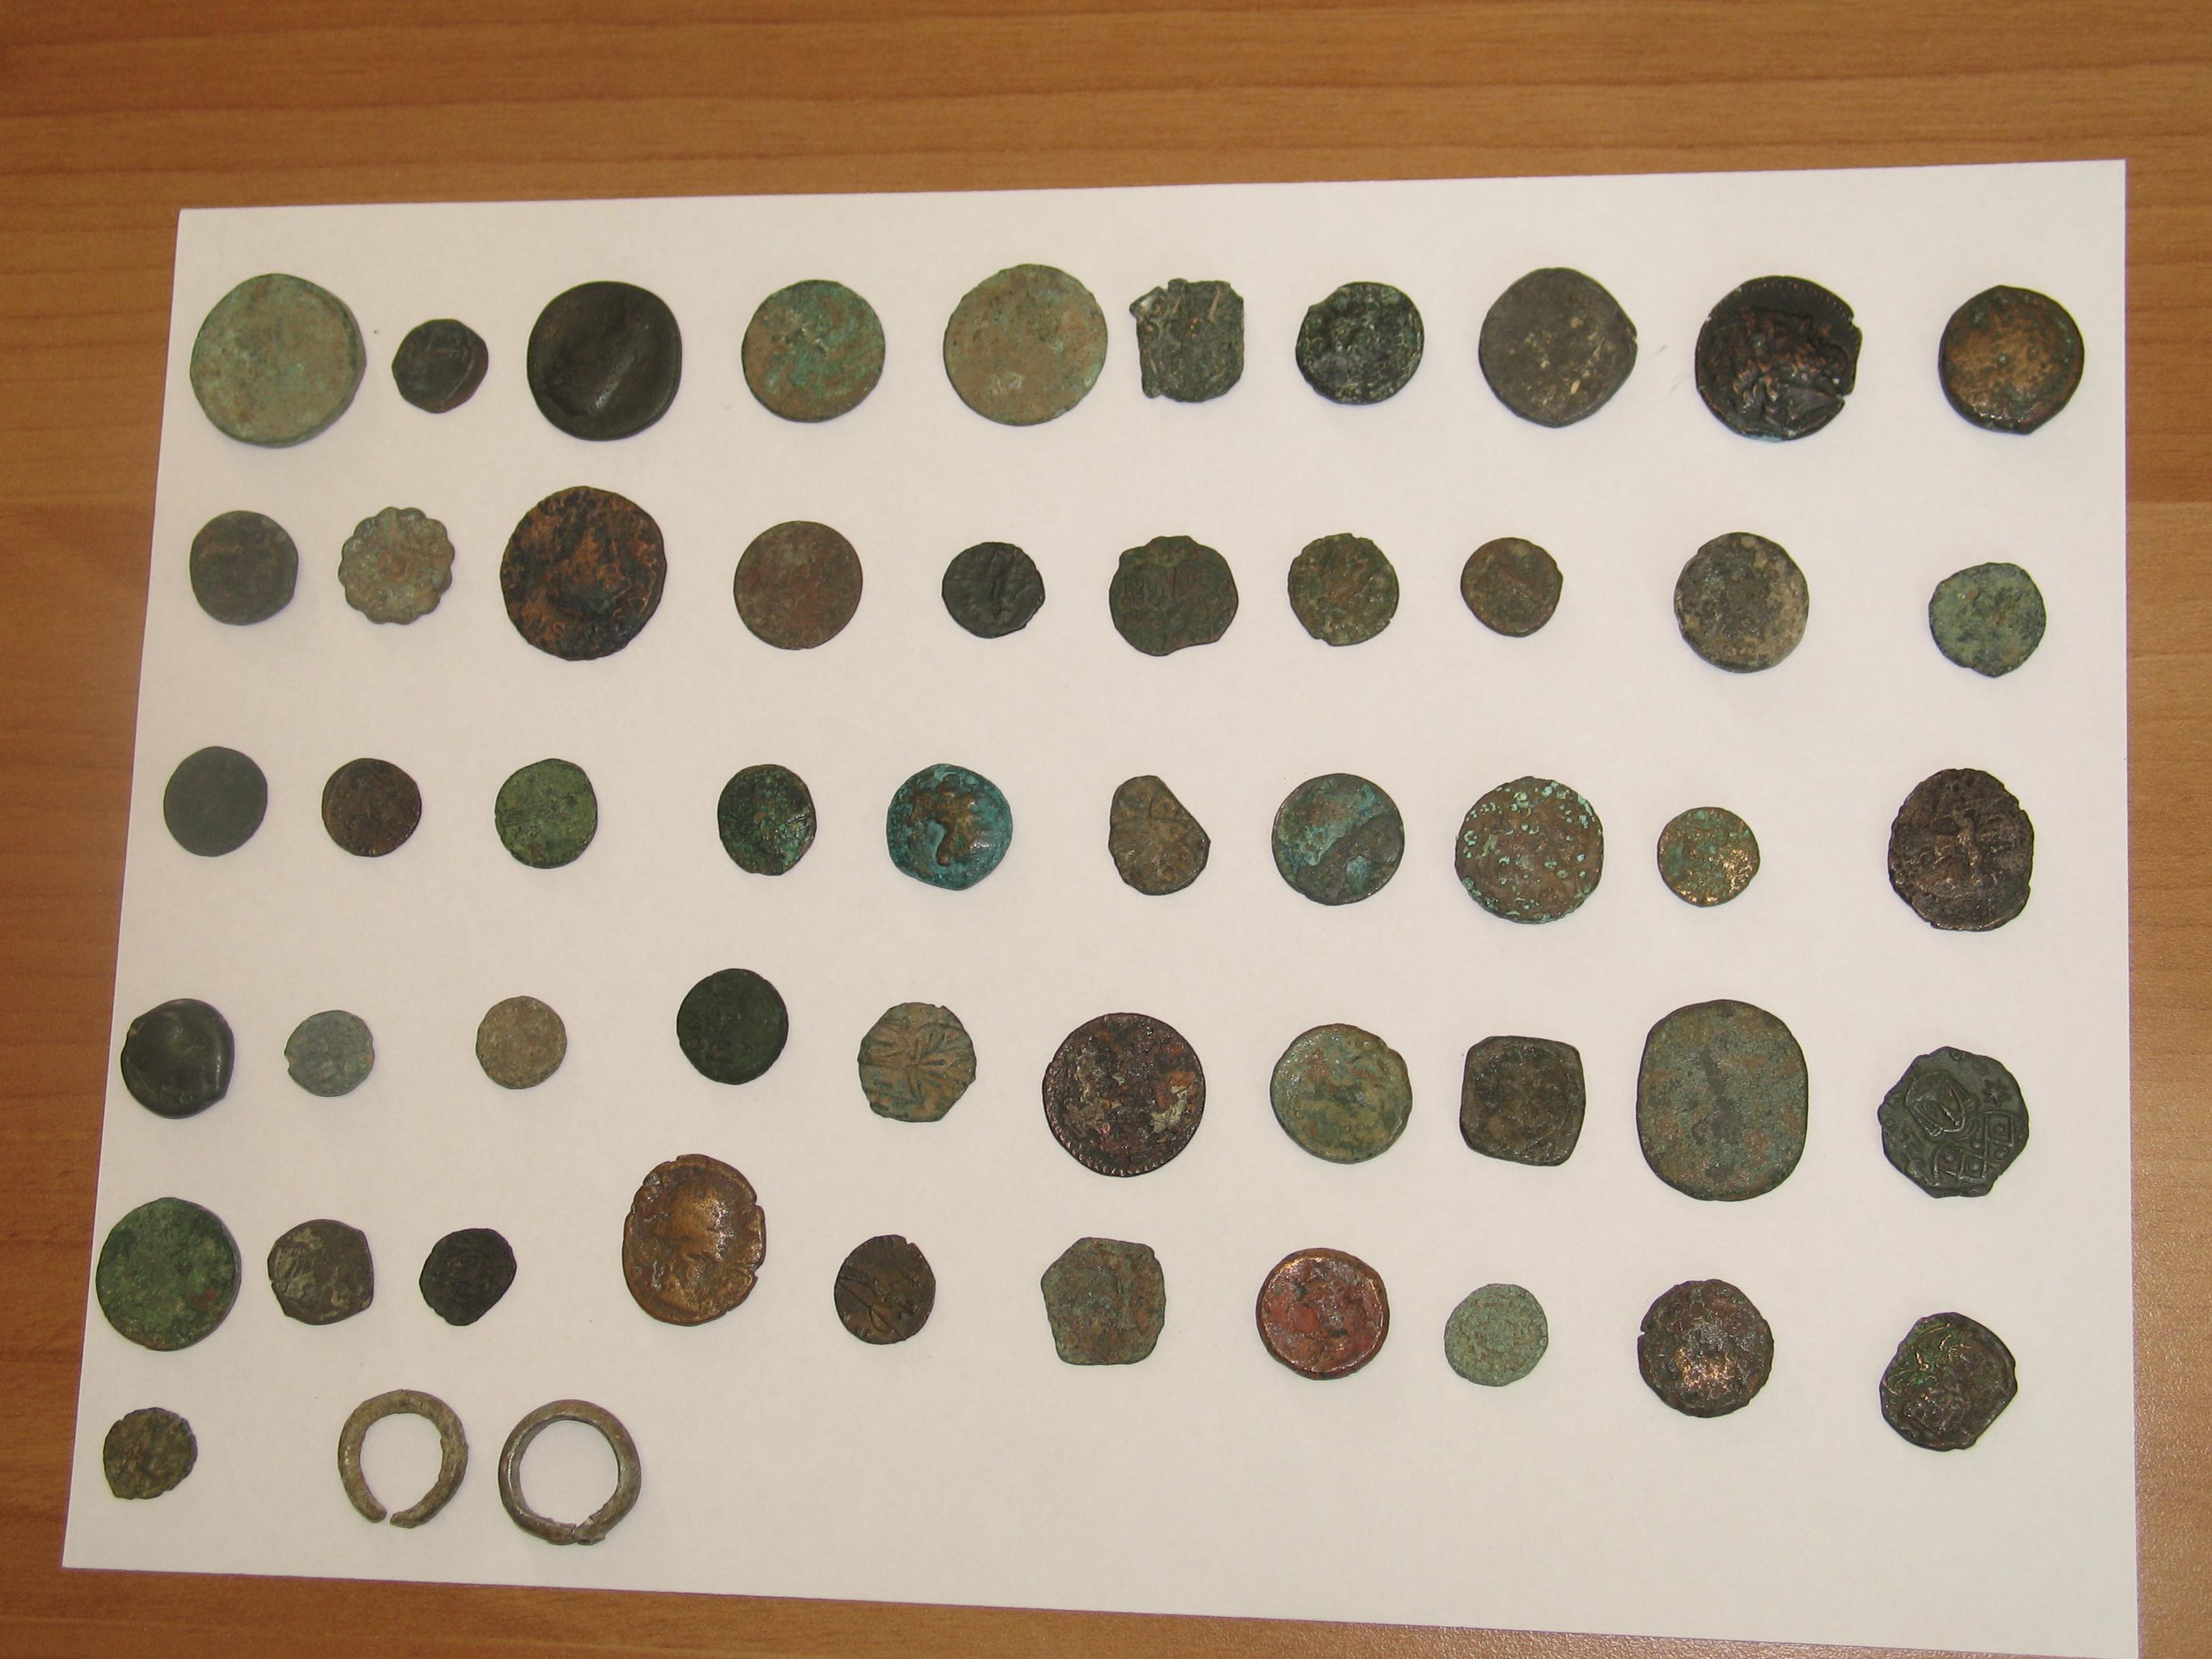 operazione dei carabinieri, sequestrate 25 monete antiche